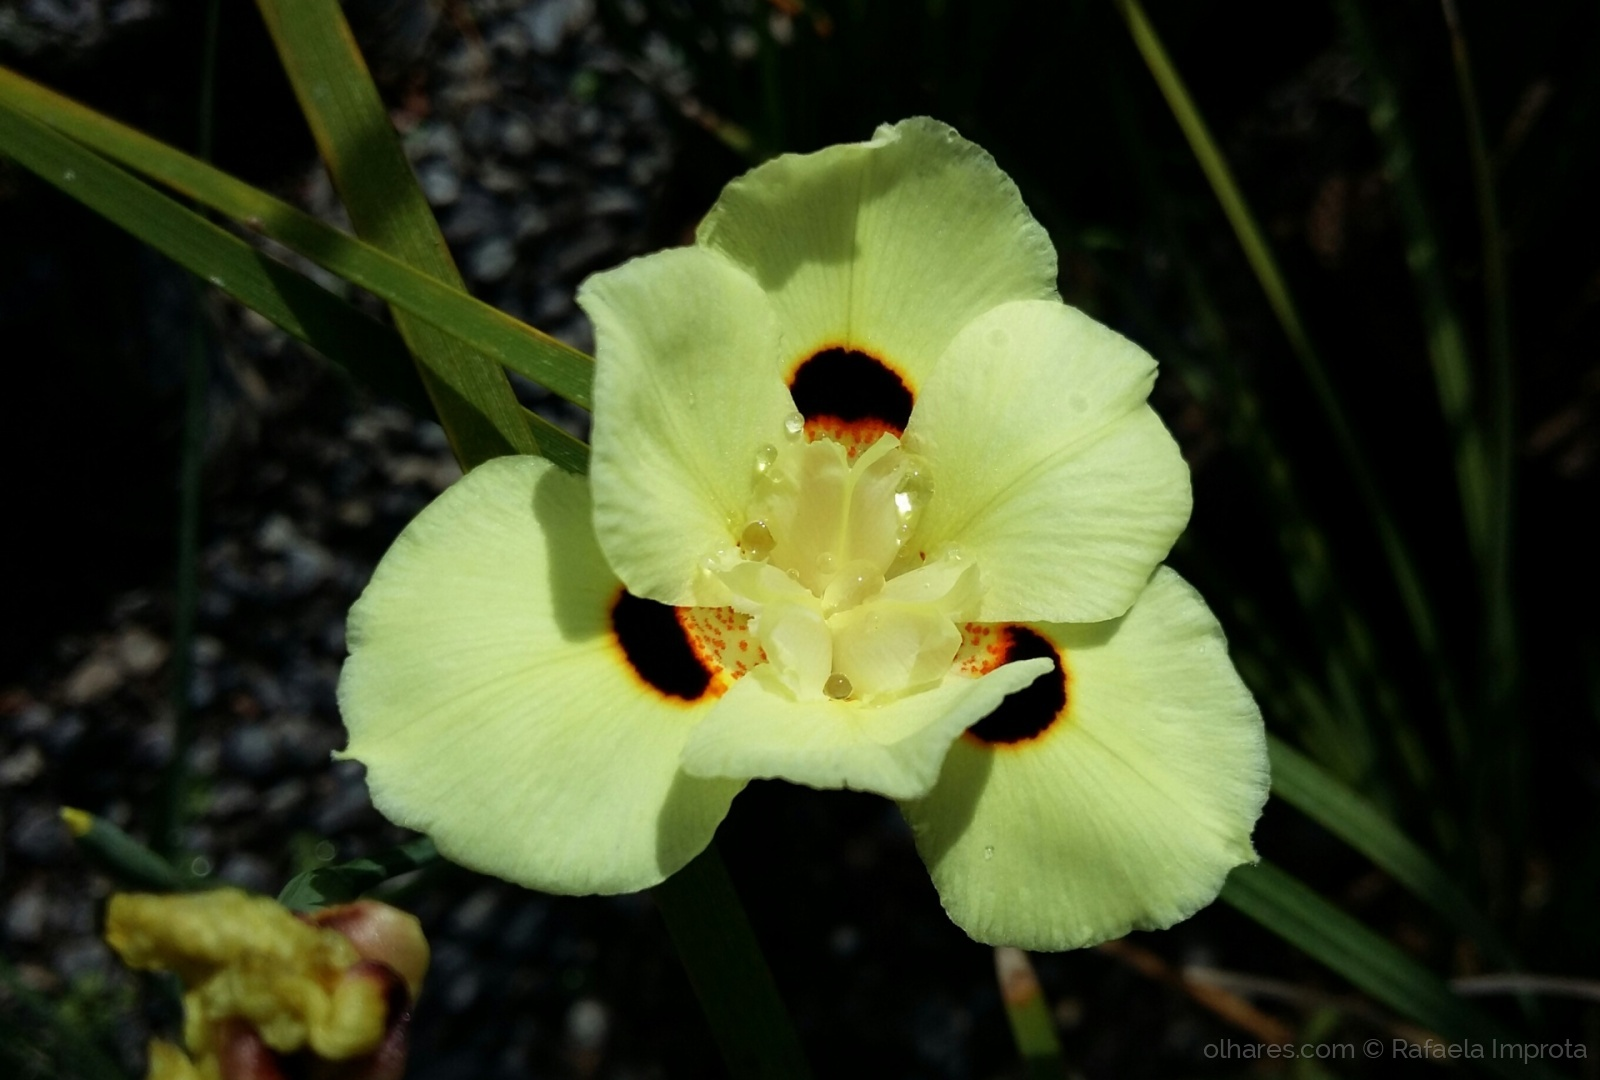 Moreia Planta amarela